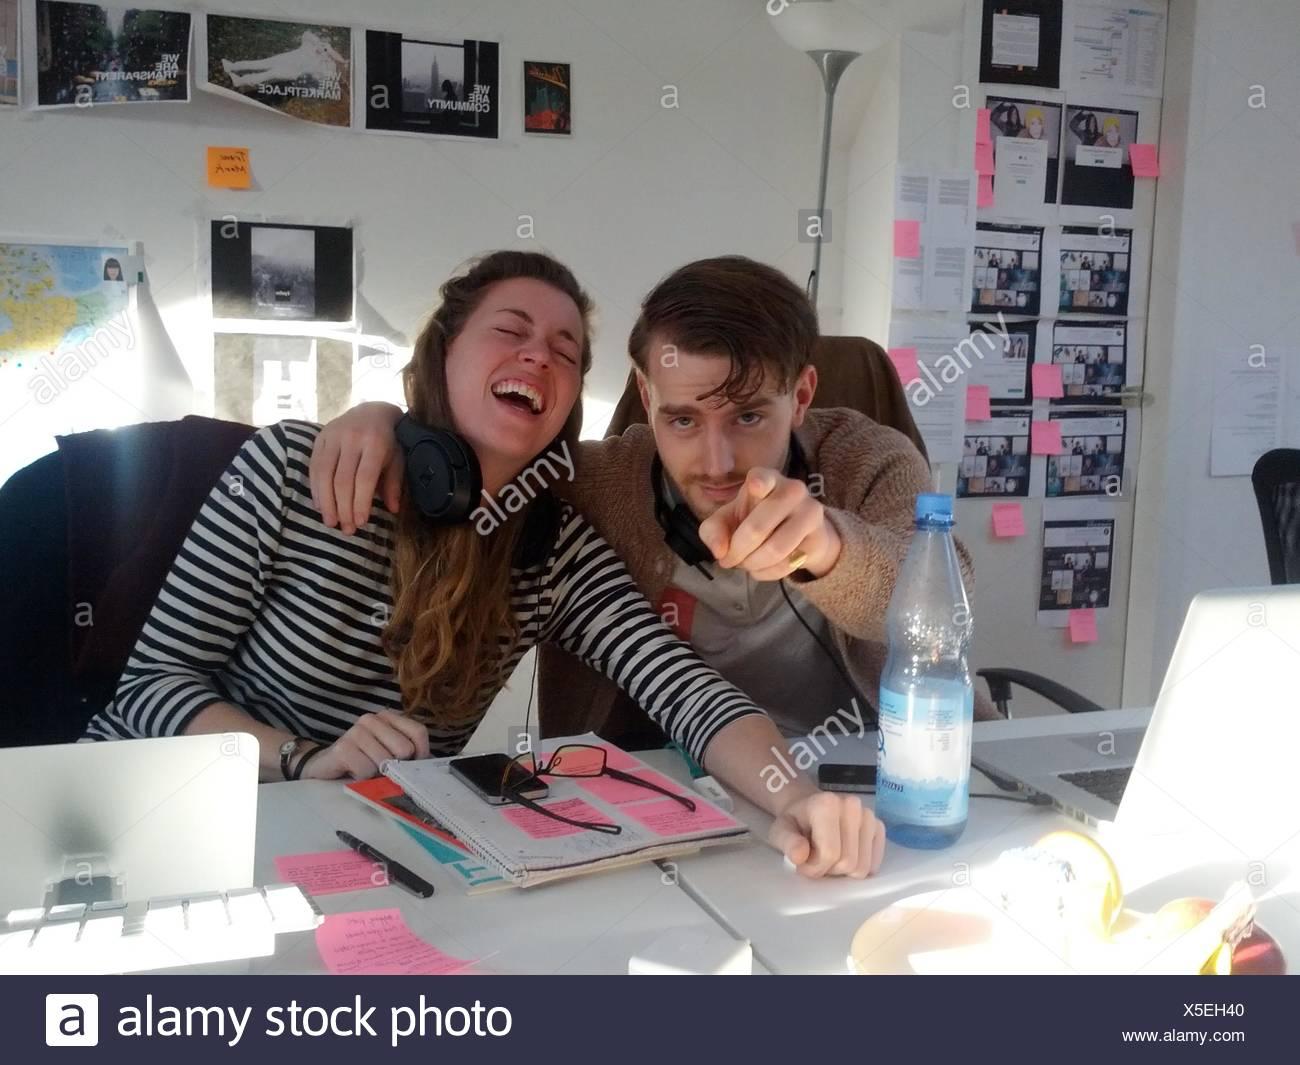 Joven alegre con el hombre apuntando a usted en la oficina creativa Imagen De Stock